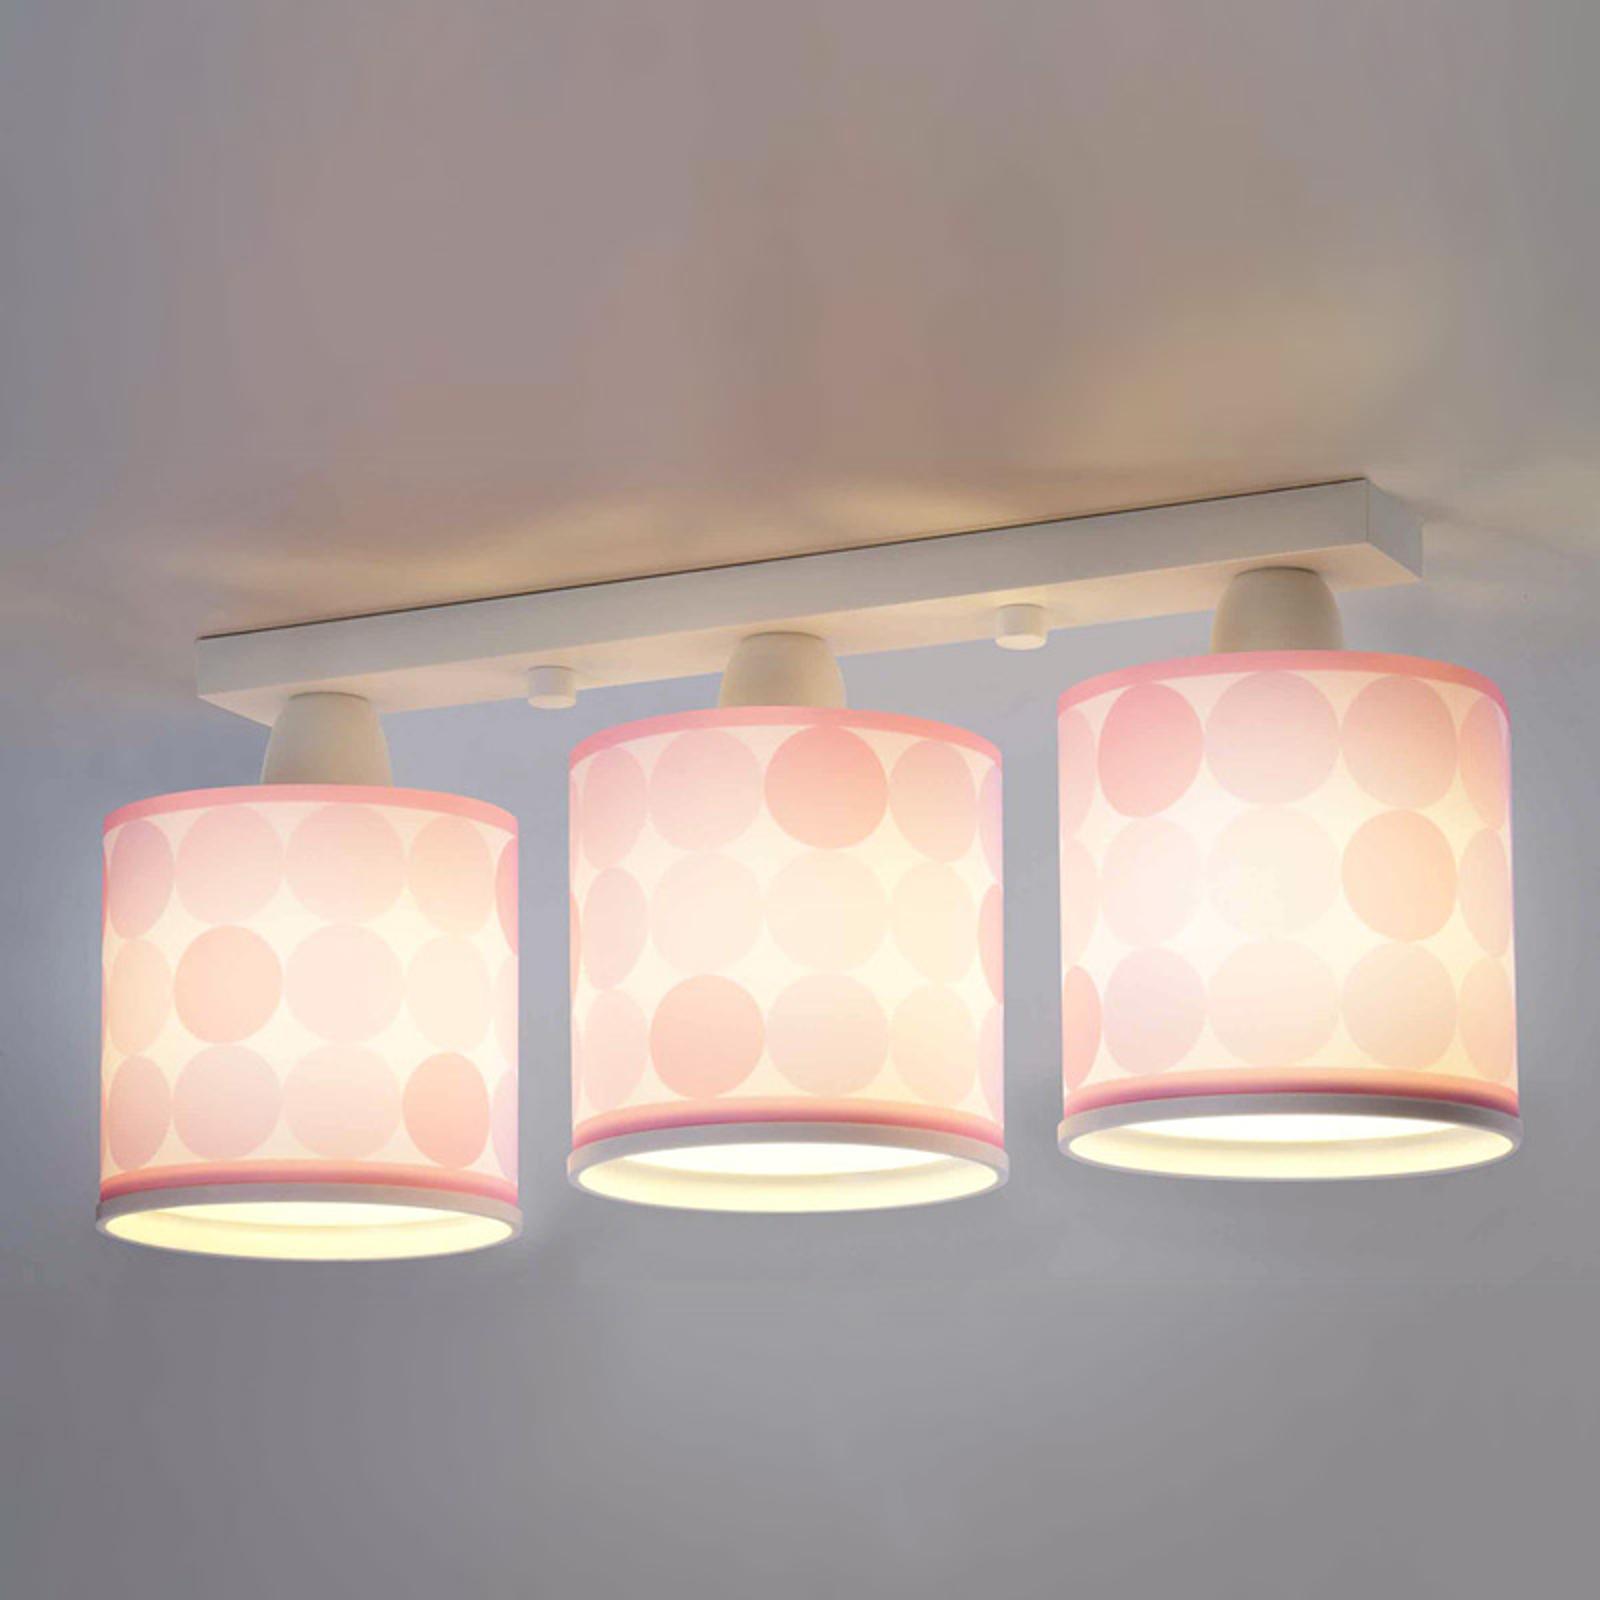 Lampa sufitowa Colors w kropki, różowa